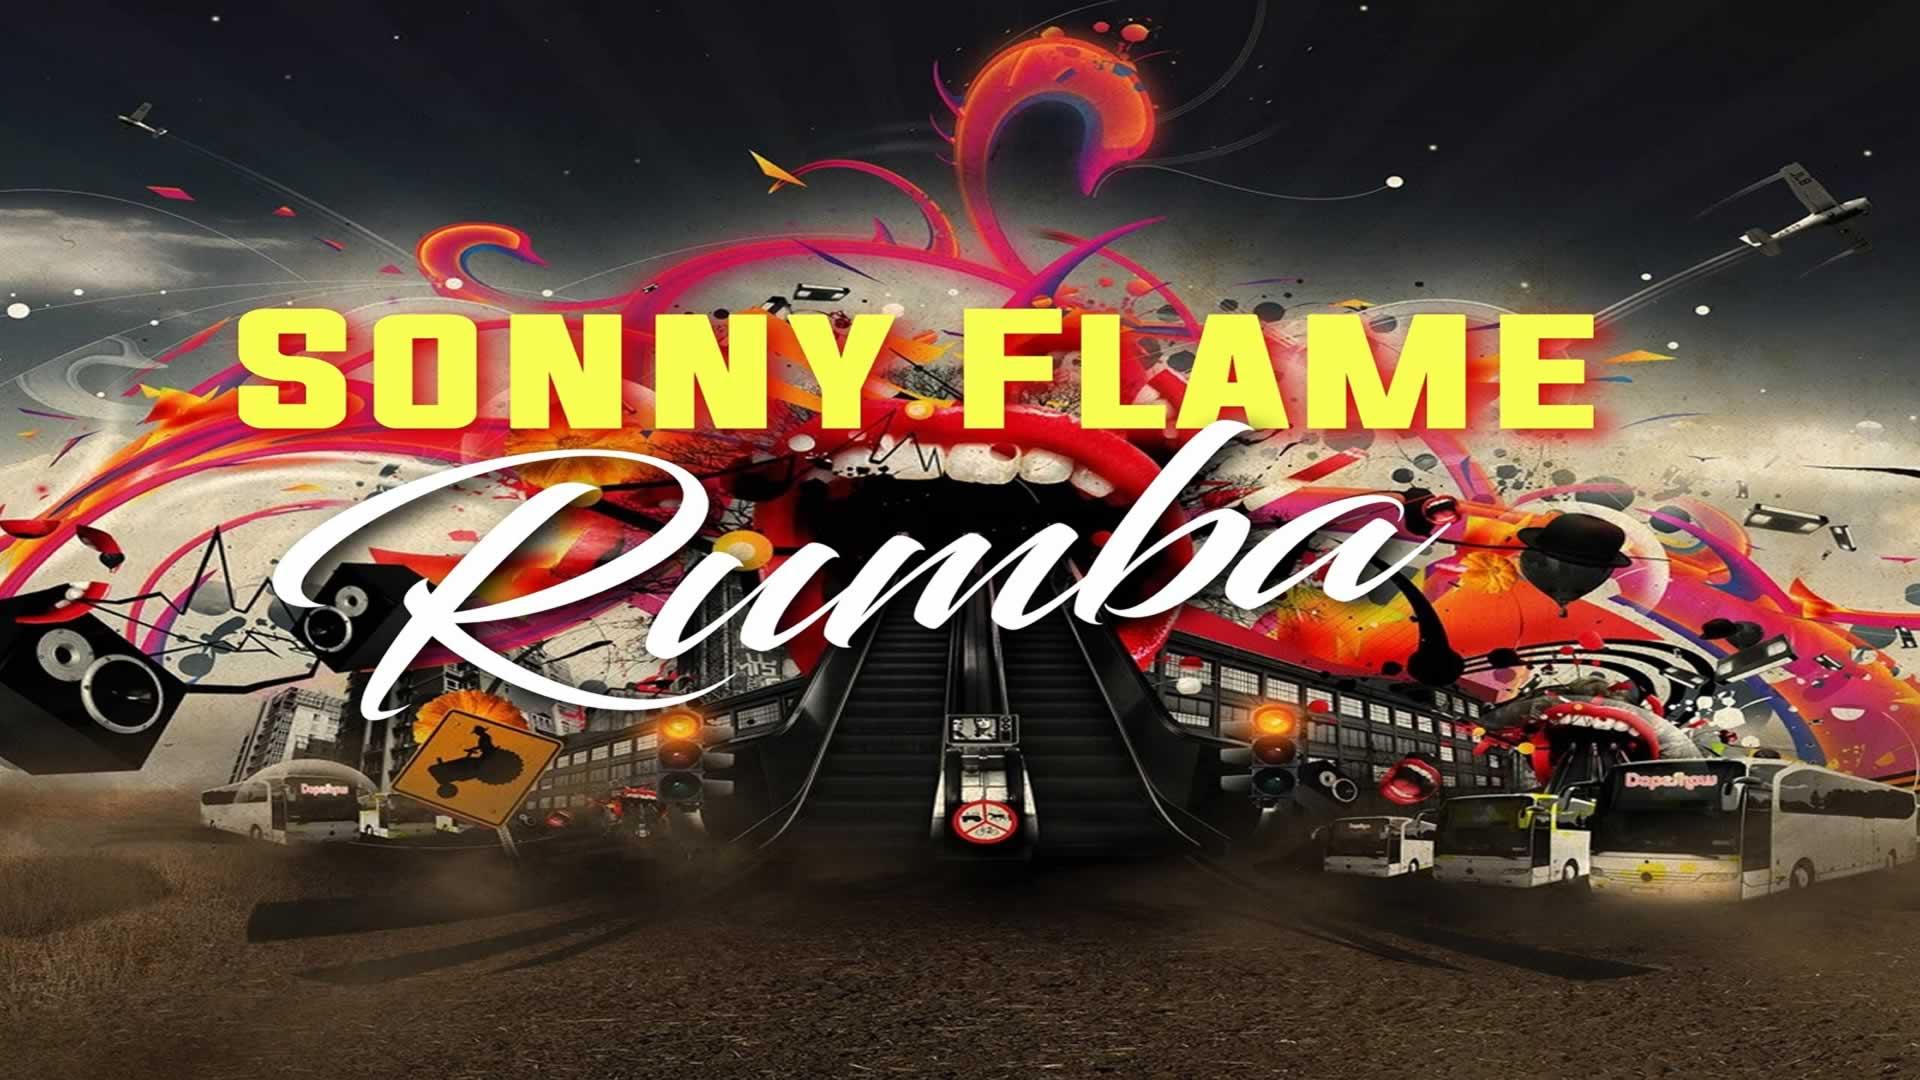 Sonny Flame - Rumba